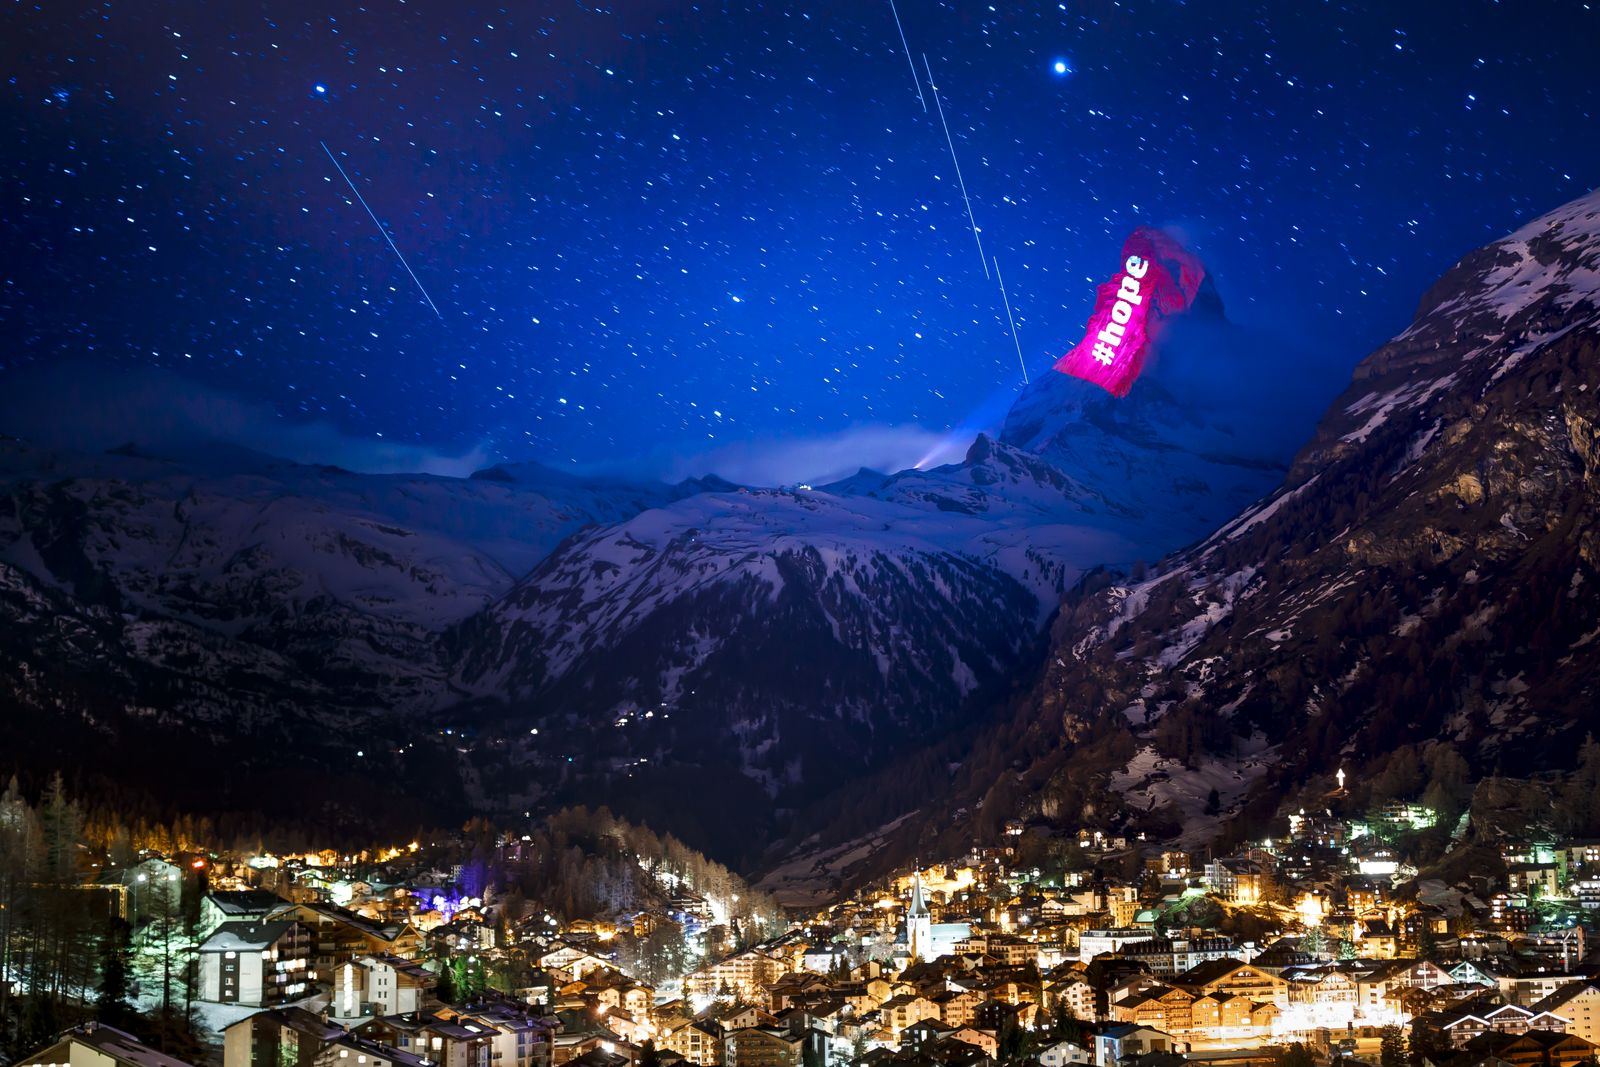 SWITZERLAND MATTERHORN LIGHT SHOW COVID-19